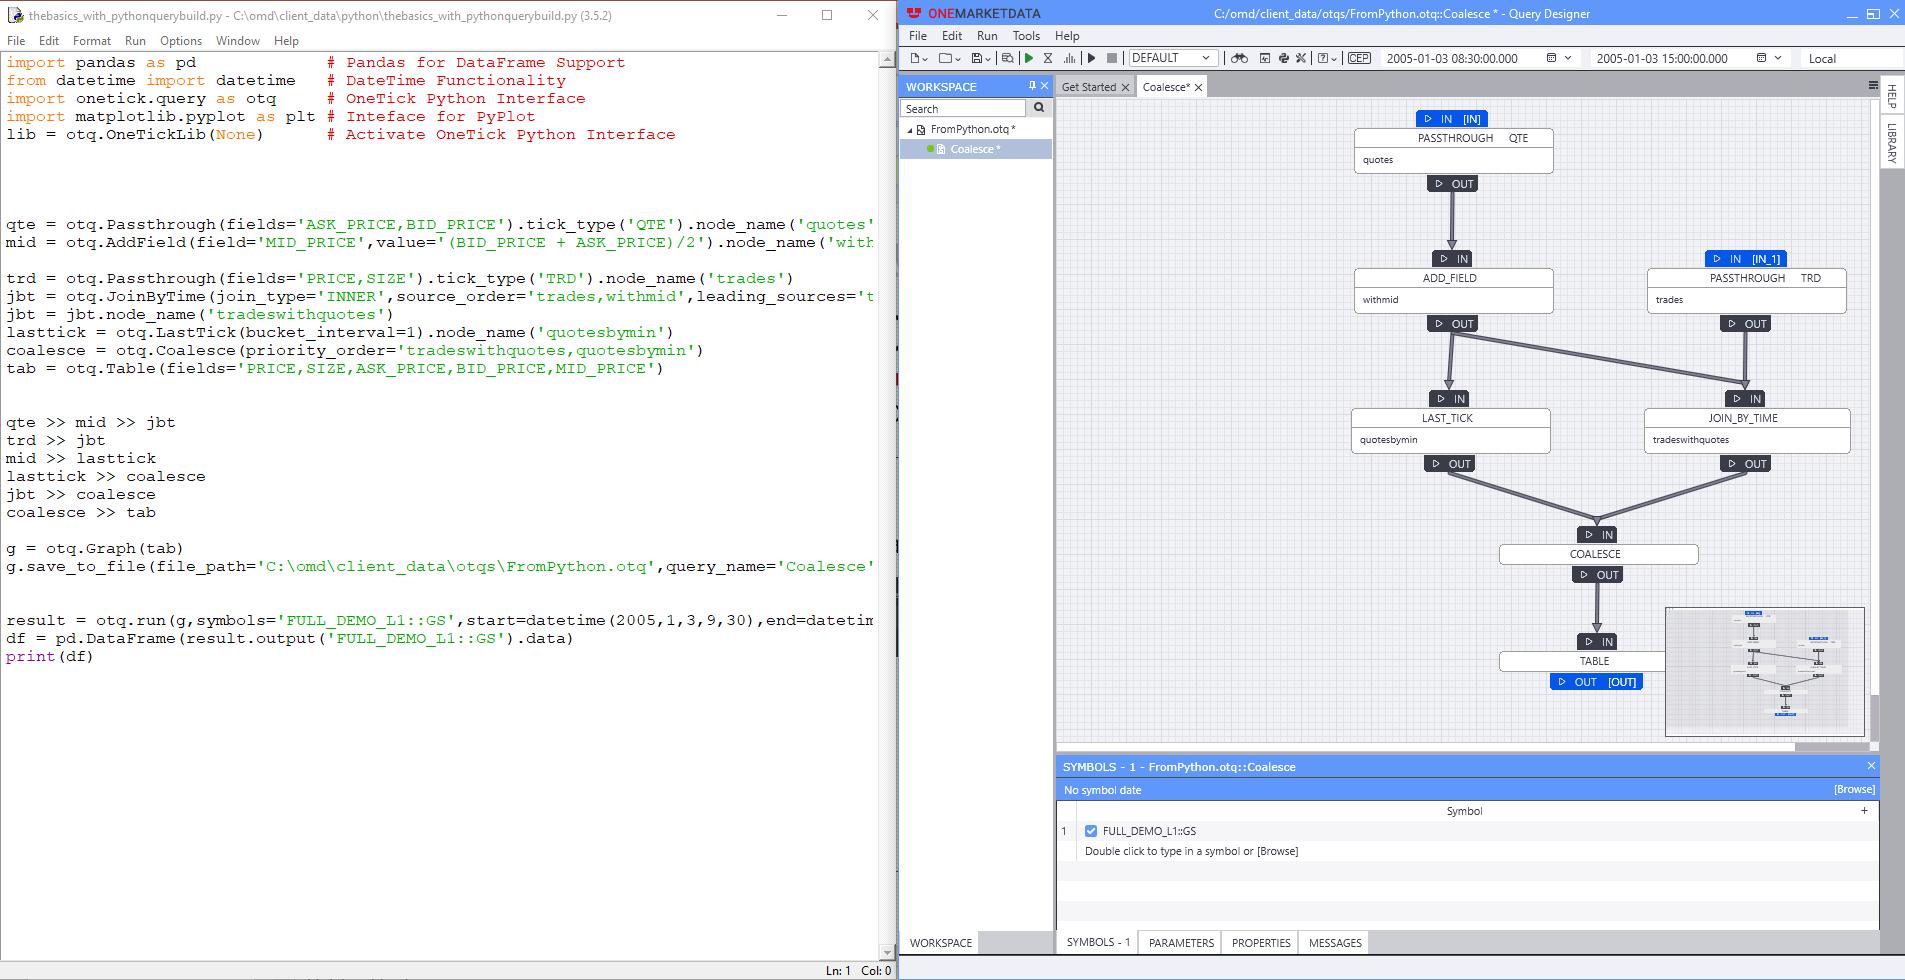 python_and_query_designer